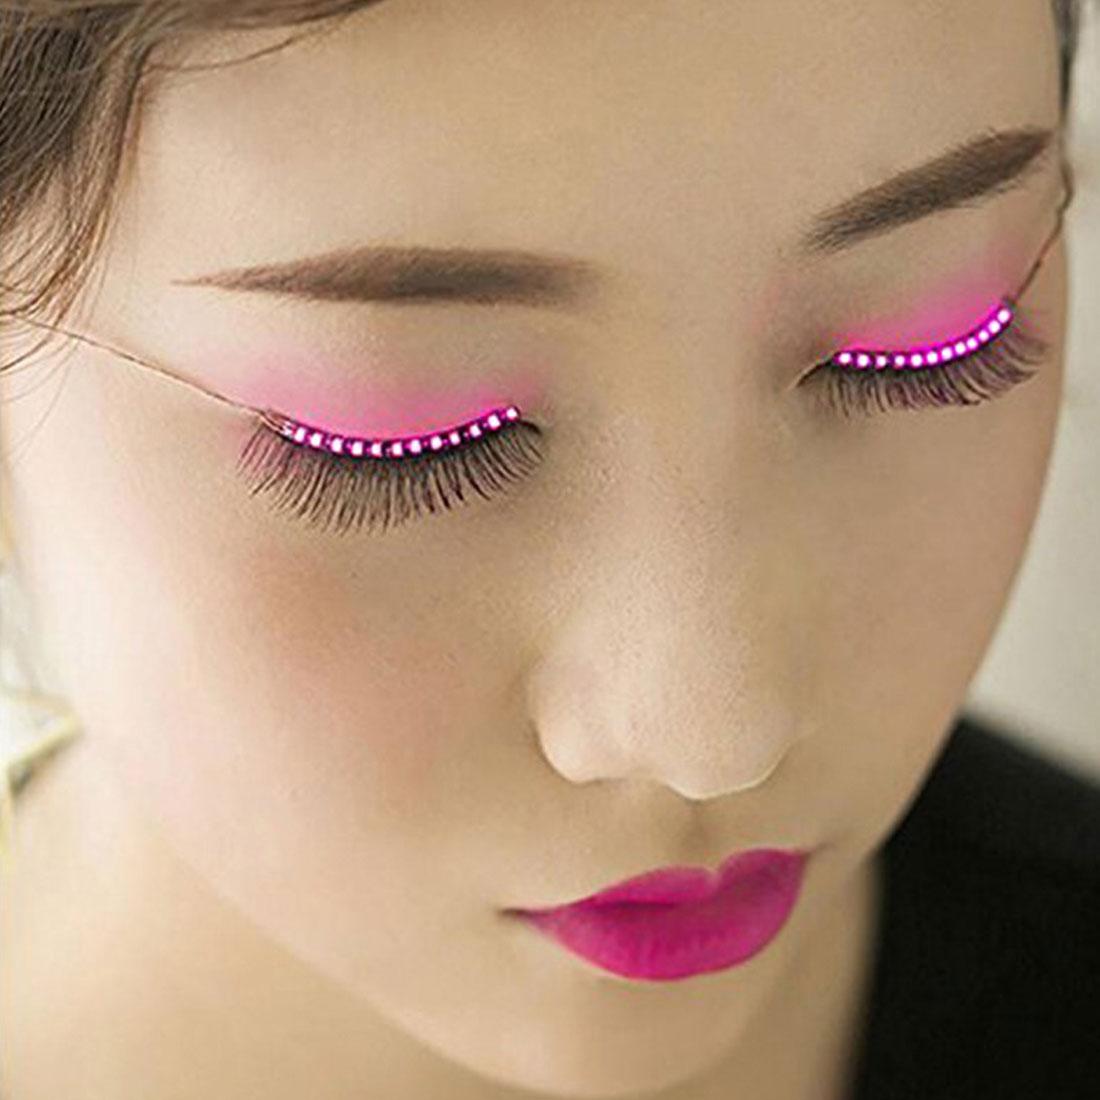 Как при макияже сделать ресницы длиннее